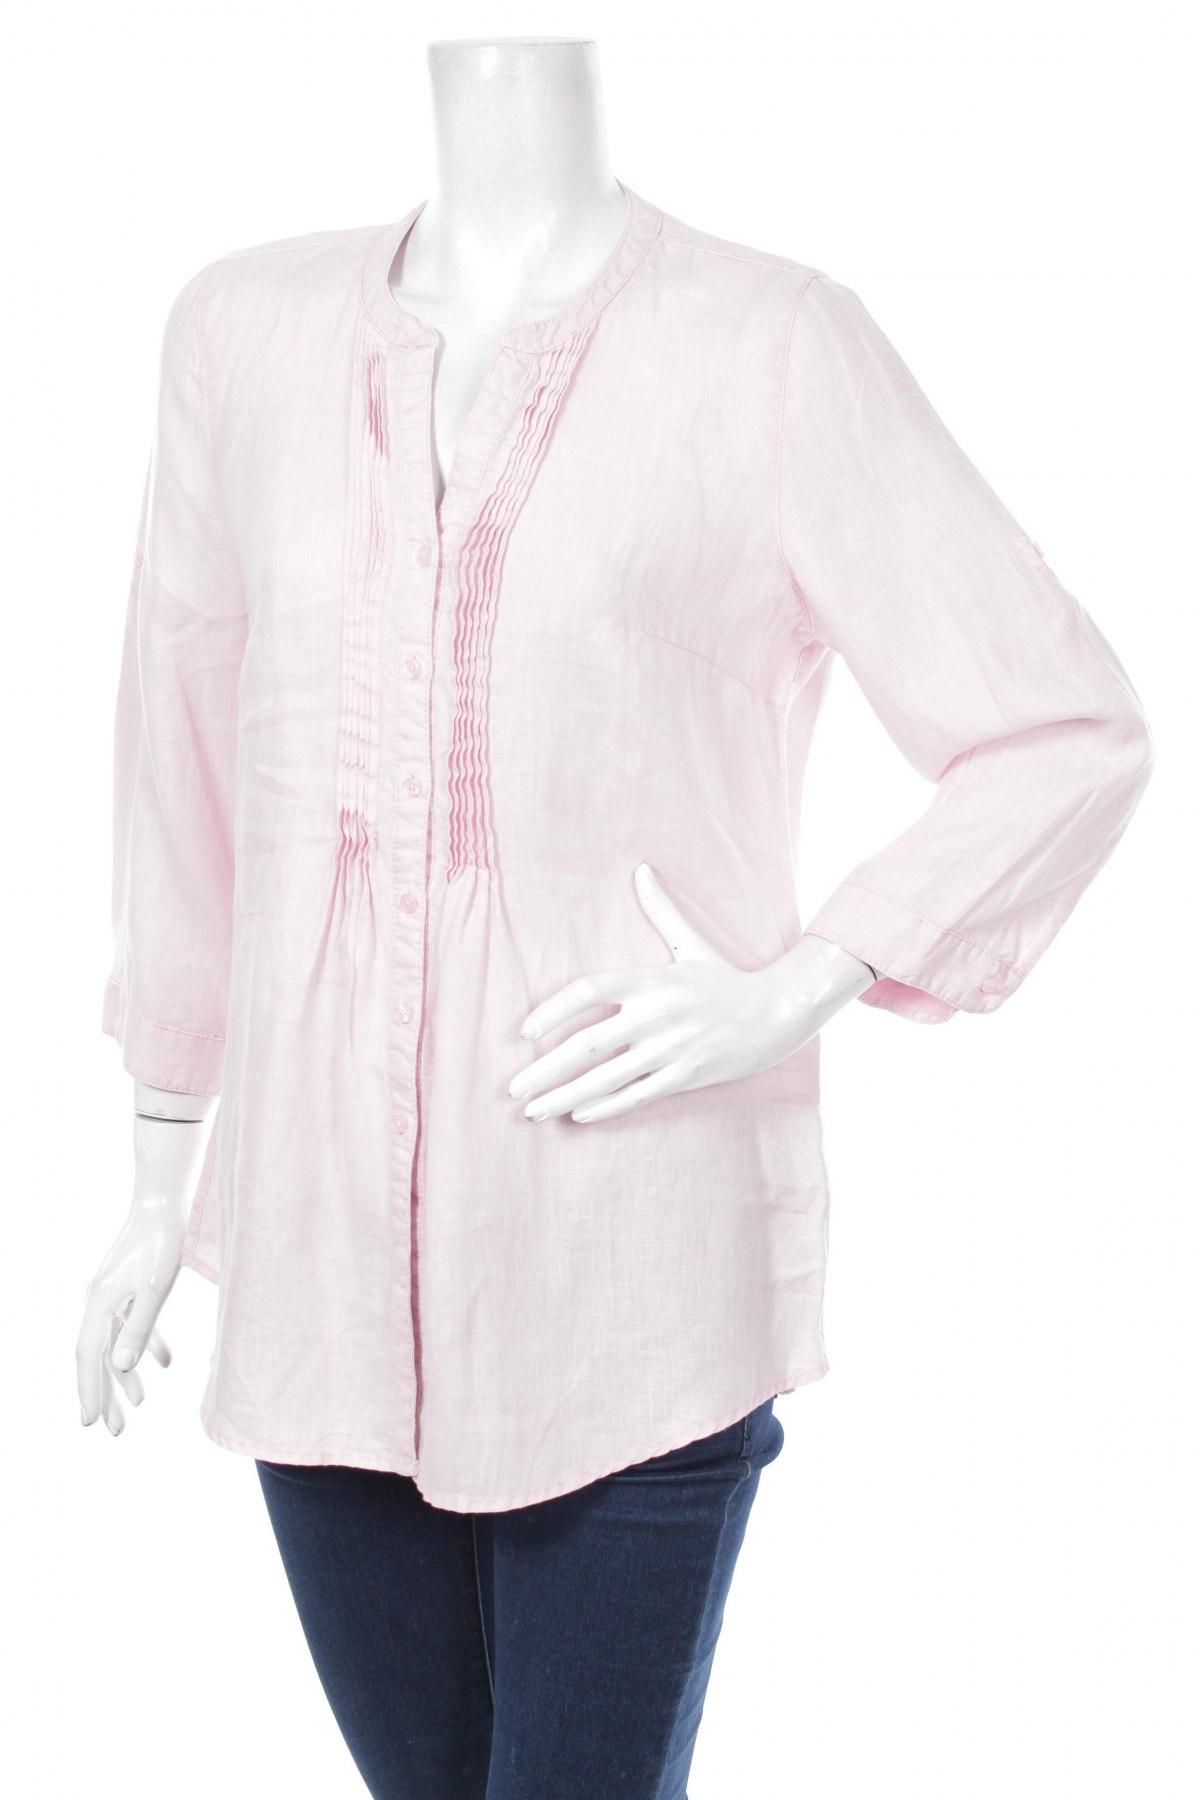 Γυναικείο πουκάμισο Kate Storm, Μέγεθος S, Χρώμα Ρόζ , Τιμή 24,23€